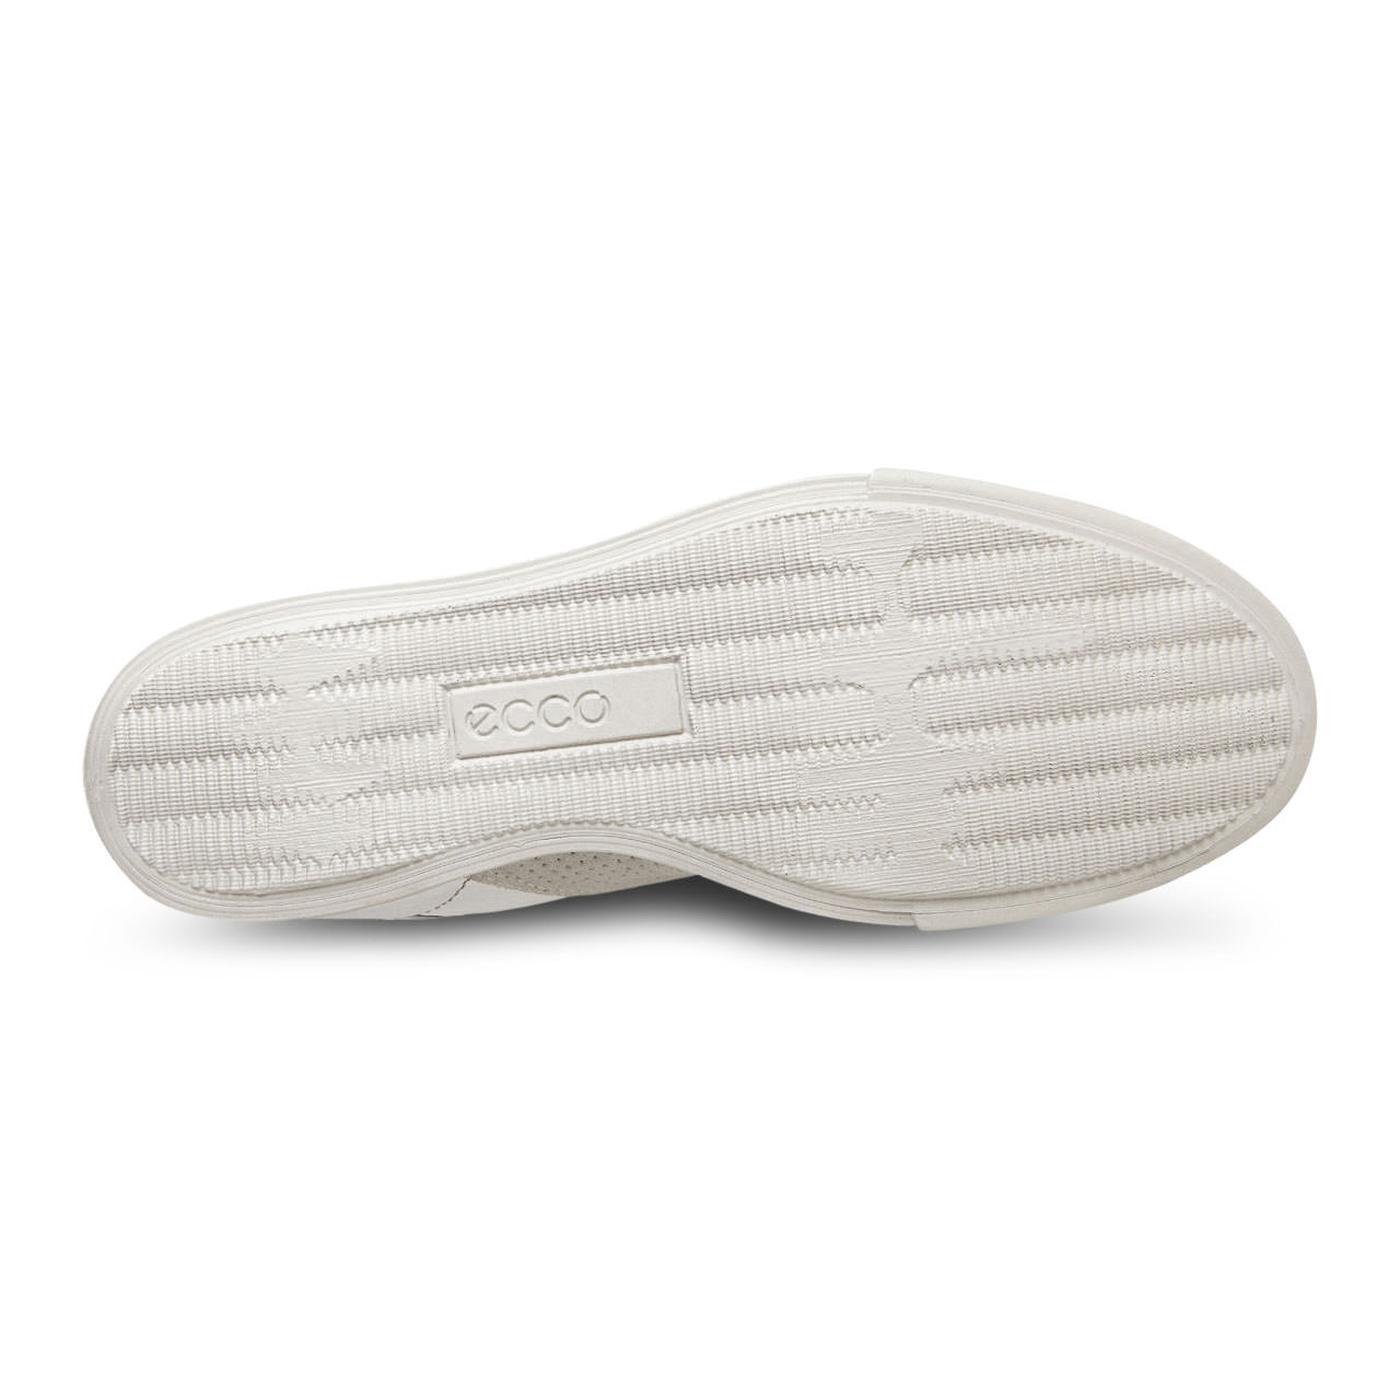 ECCO Collin Retro Sneaker